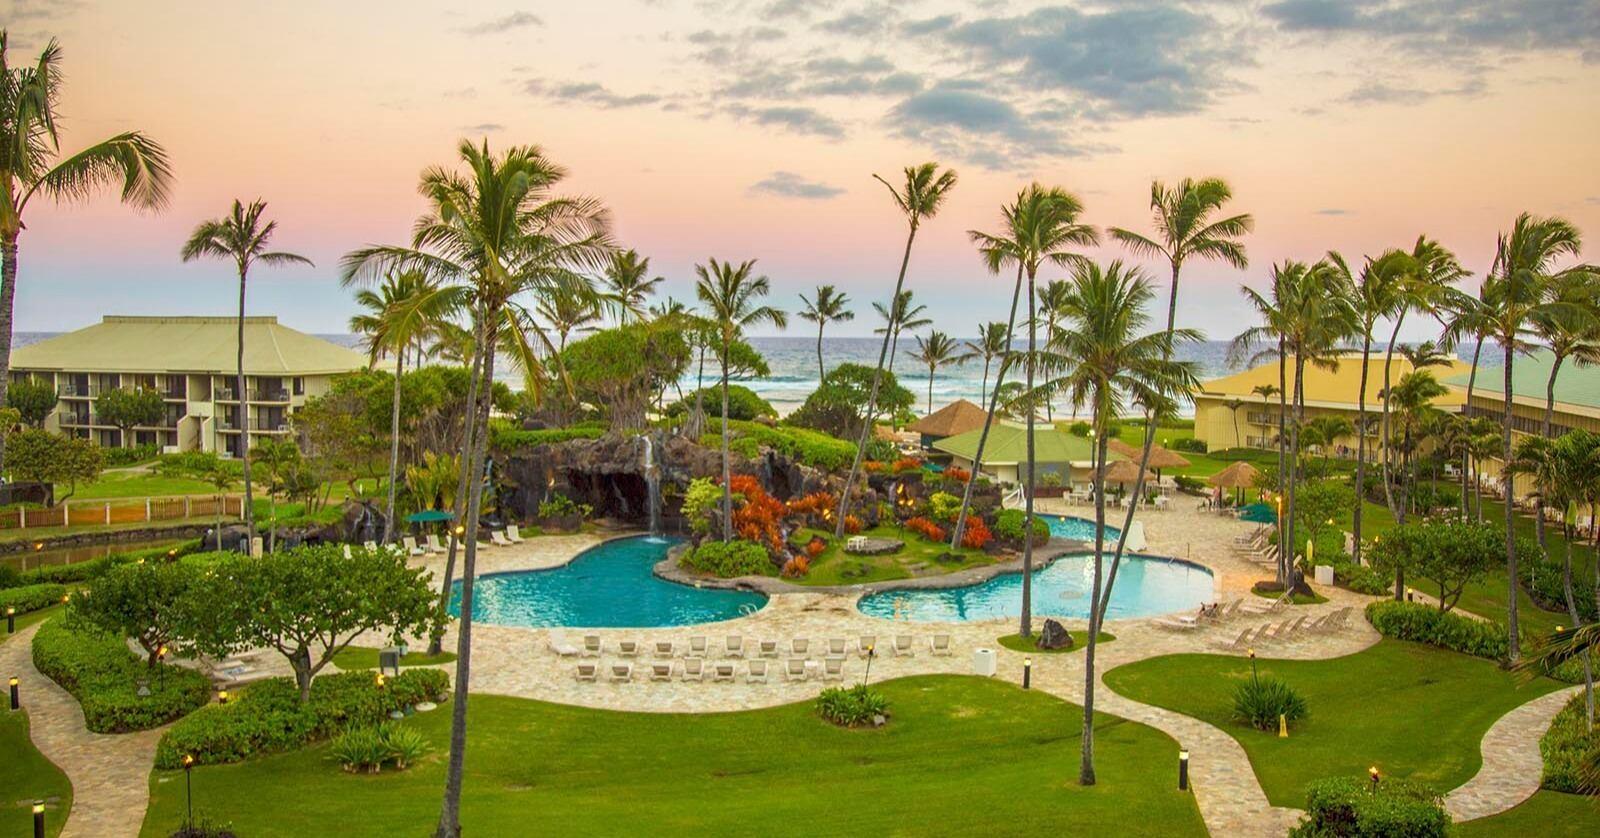 Kauai Beach Resort - Kauai, Hawaii